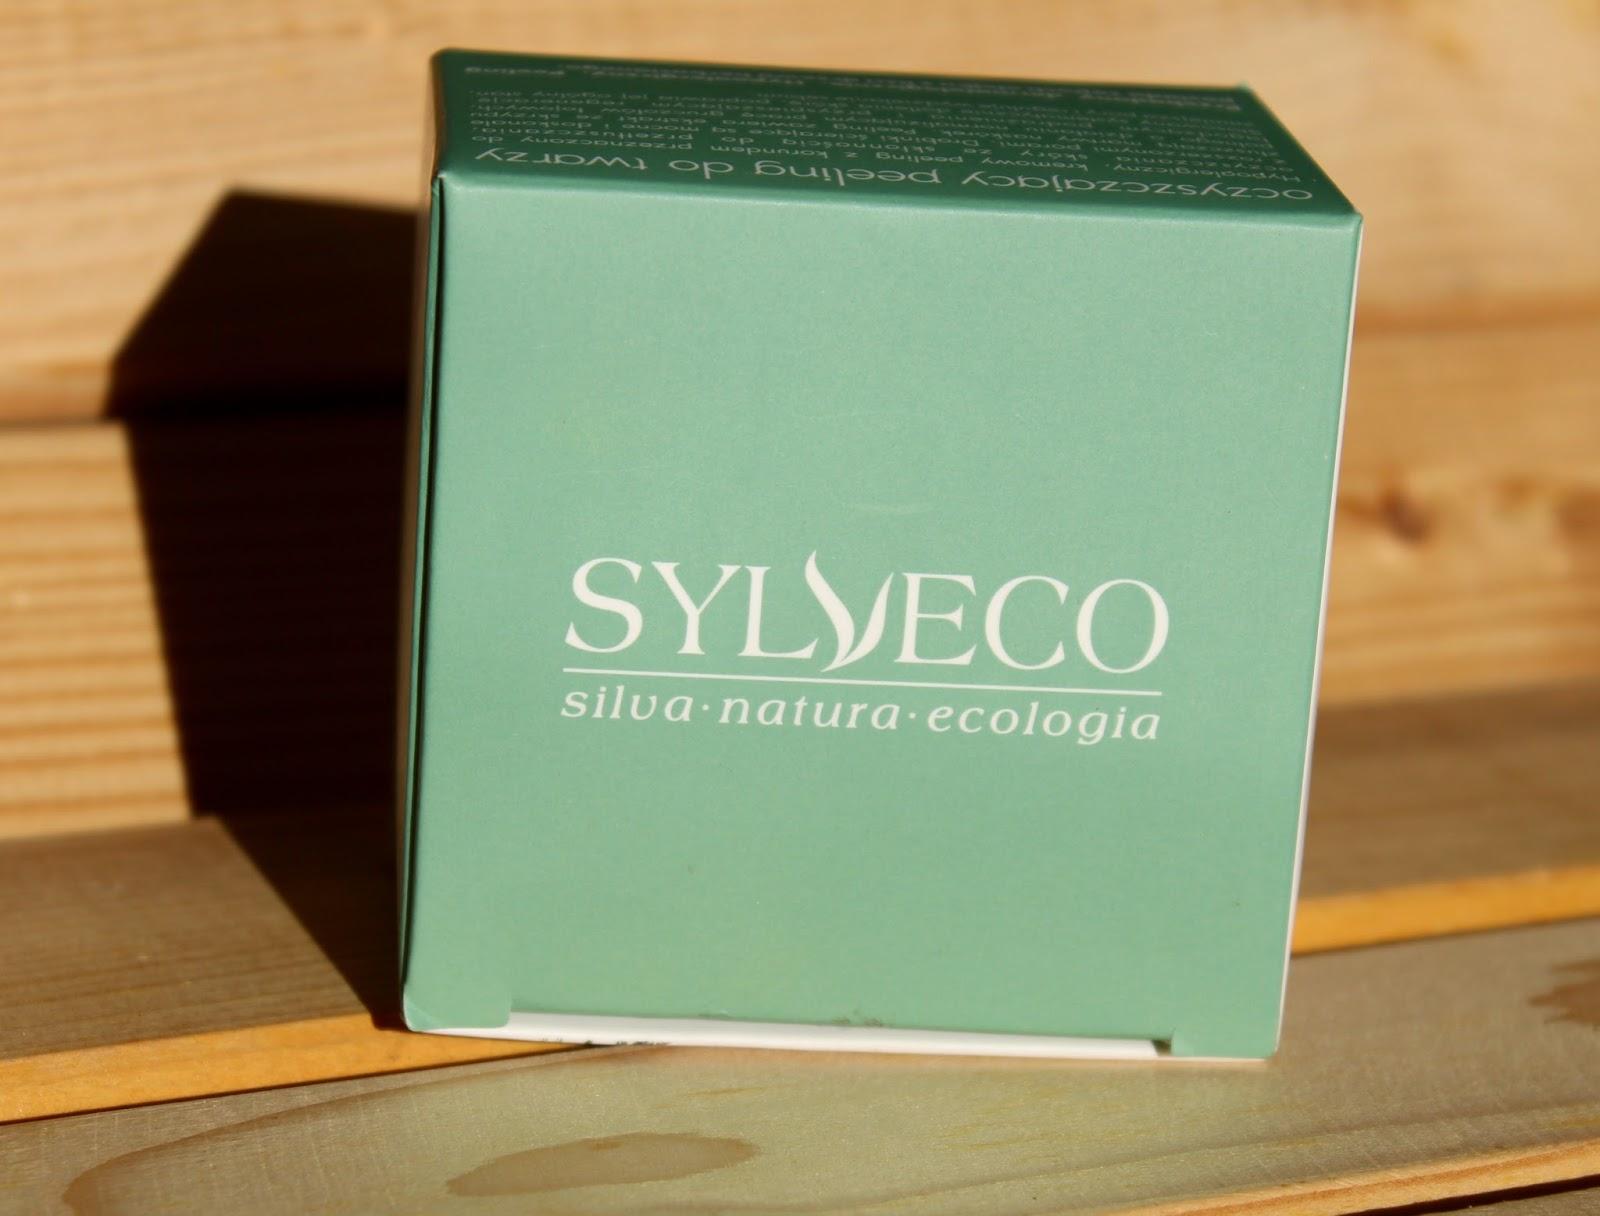 Naturalny peeling z korundem, skrzypem polnym i olejkiem z drzewa herbacianego. Oczyszczający peeling od Sylveco.